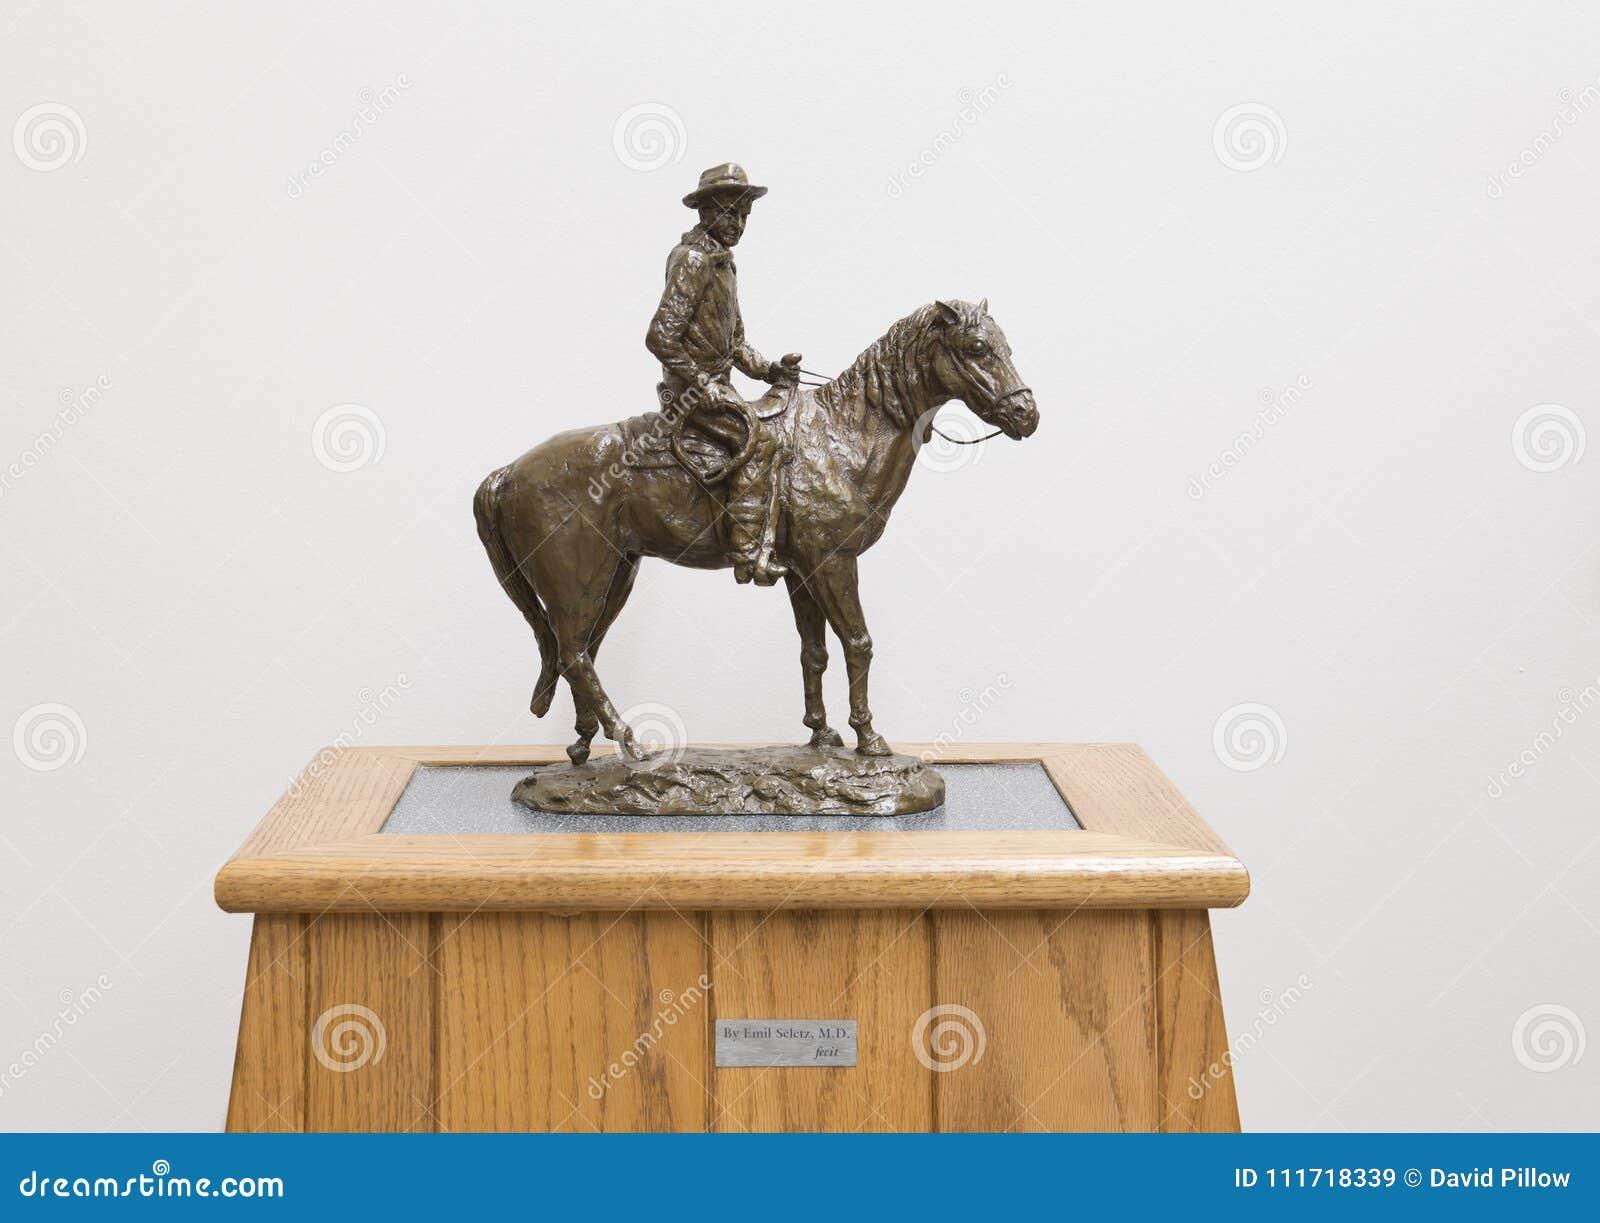 Scultura bronzea di Will Rogers a cavallo, Claremore, Oklahoma